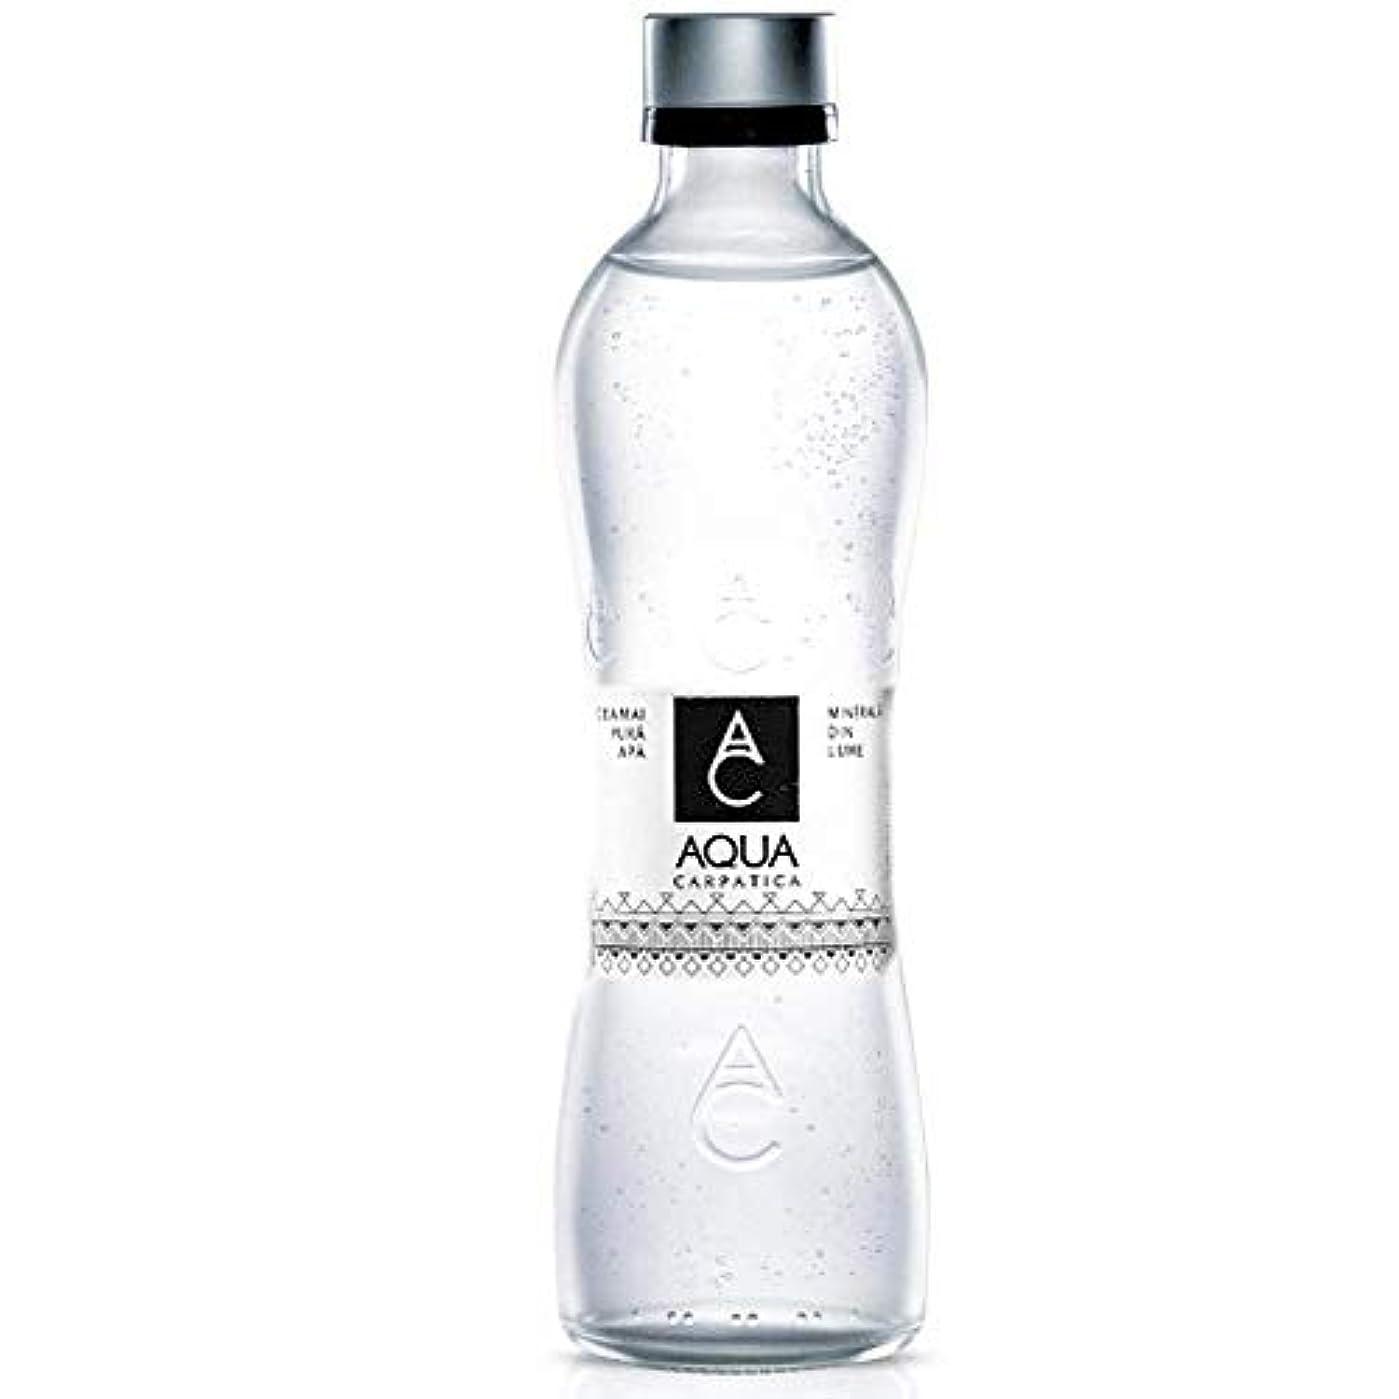 ビザ実証するバースAQUA CARPATICA アクアカルパチカ スパークリングミネラルウォーター 330ml瓶×12本